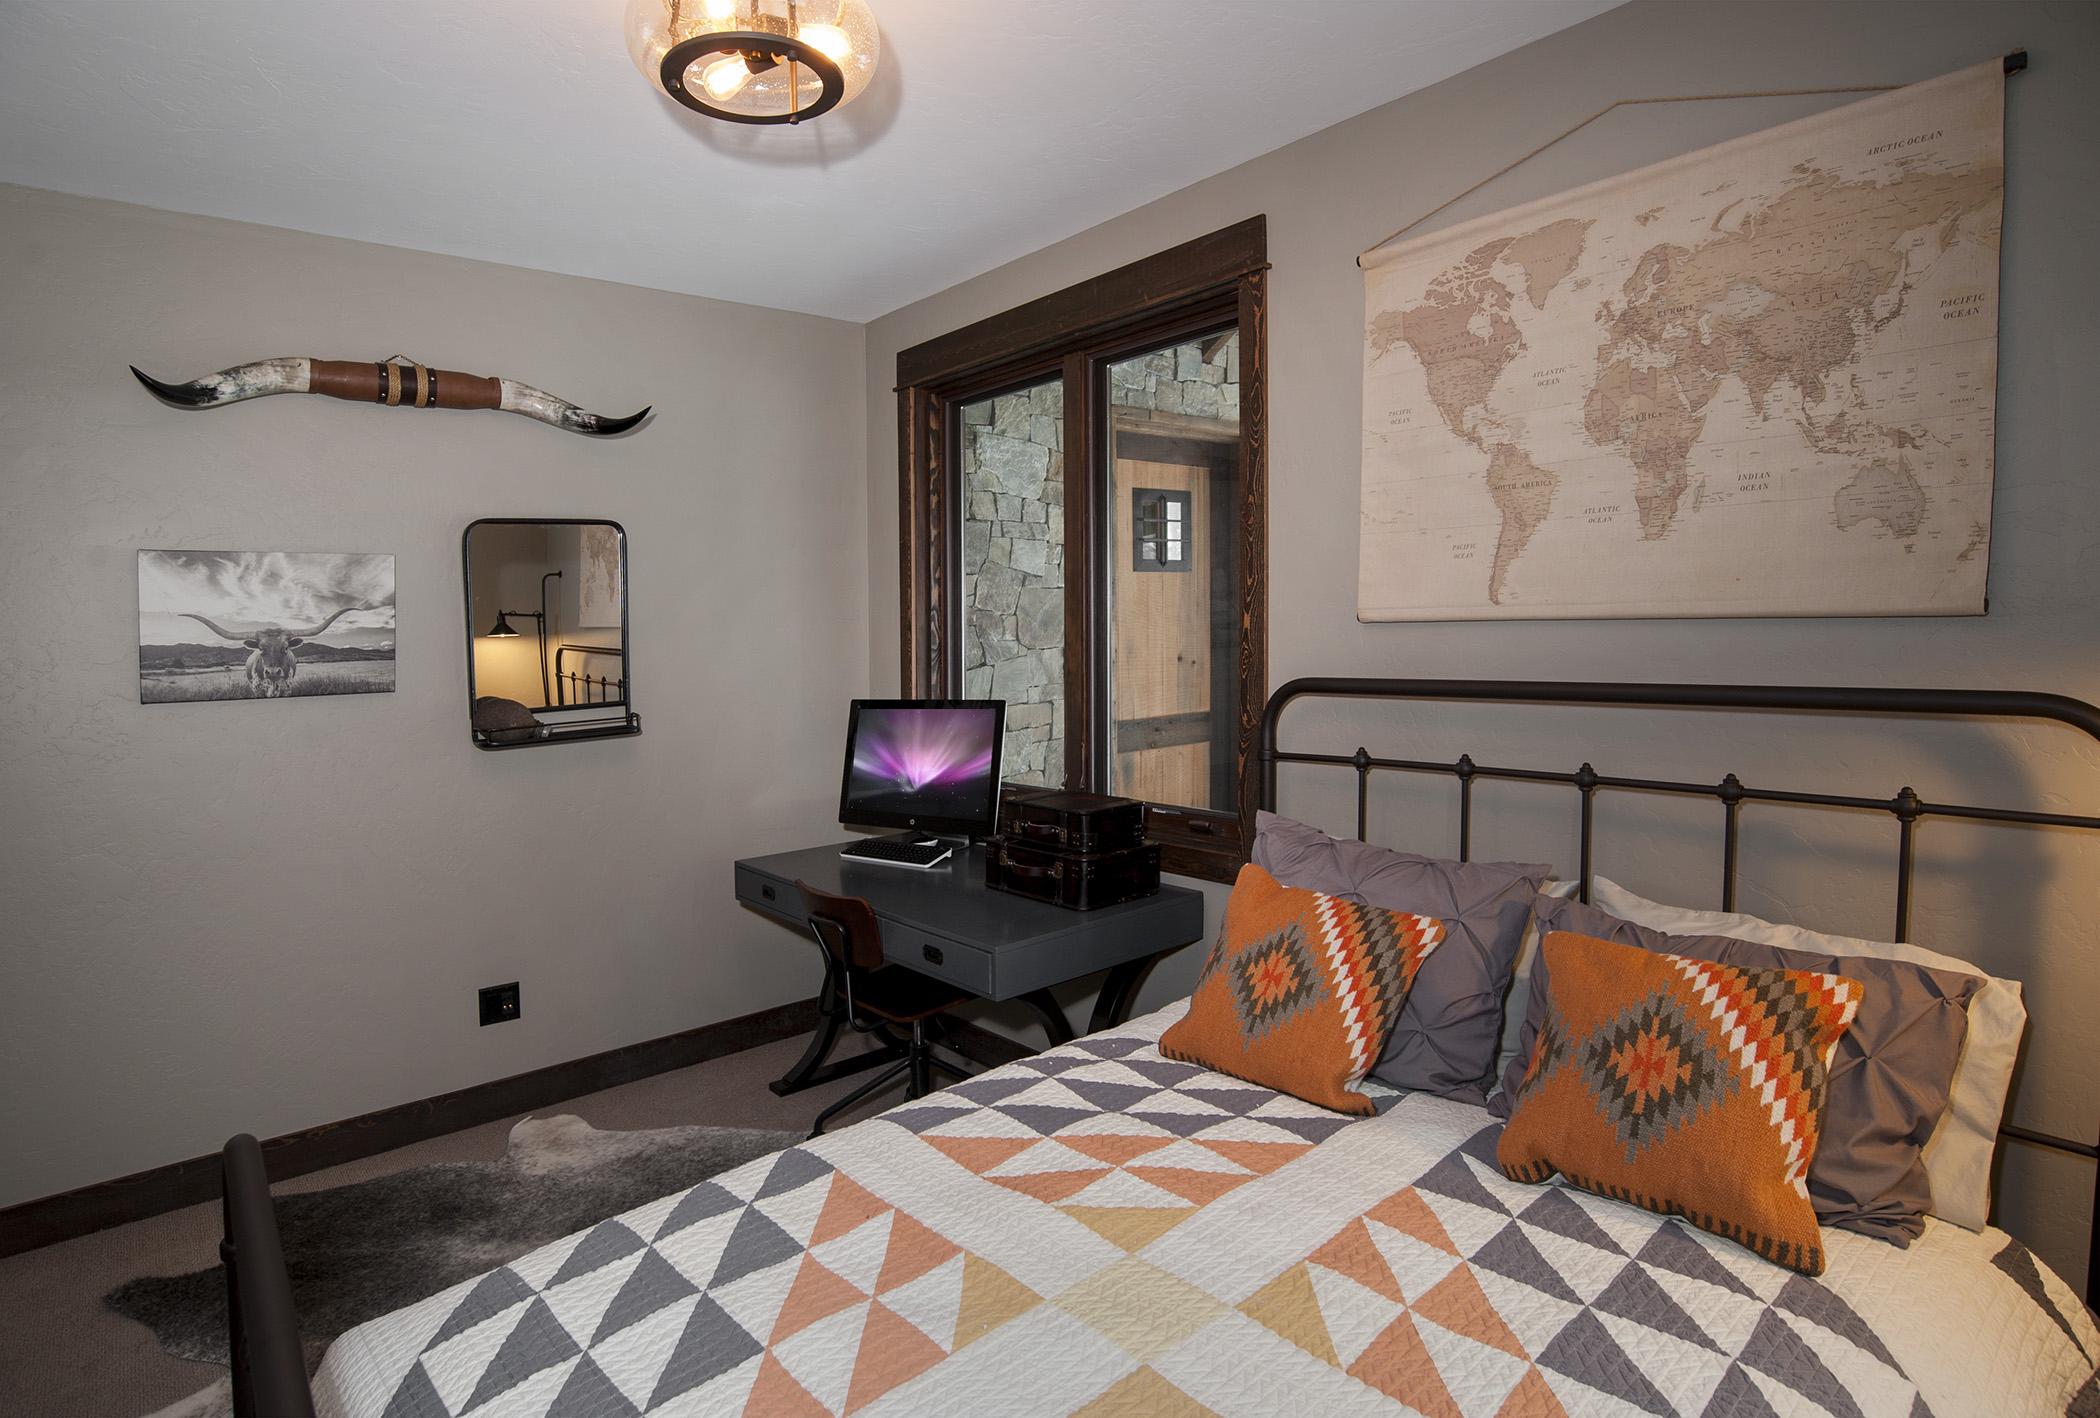 bedroom2 sm.jpg